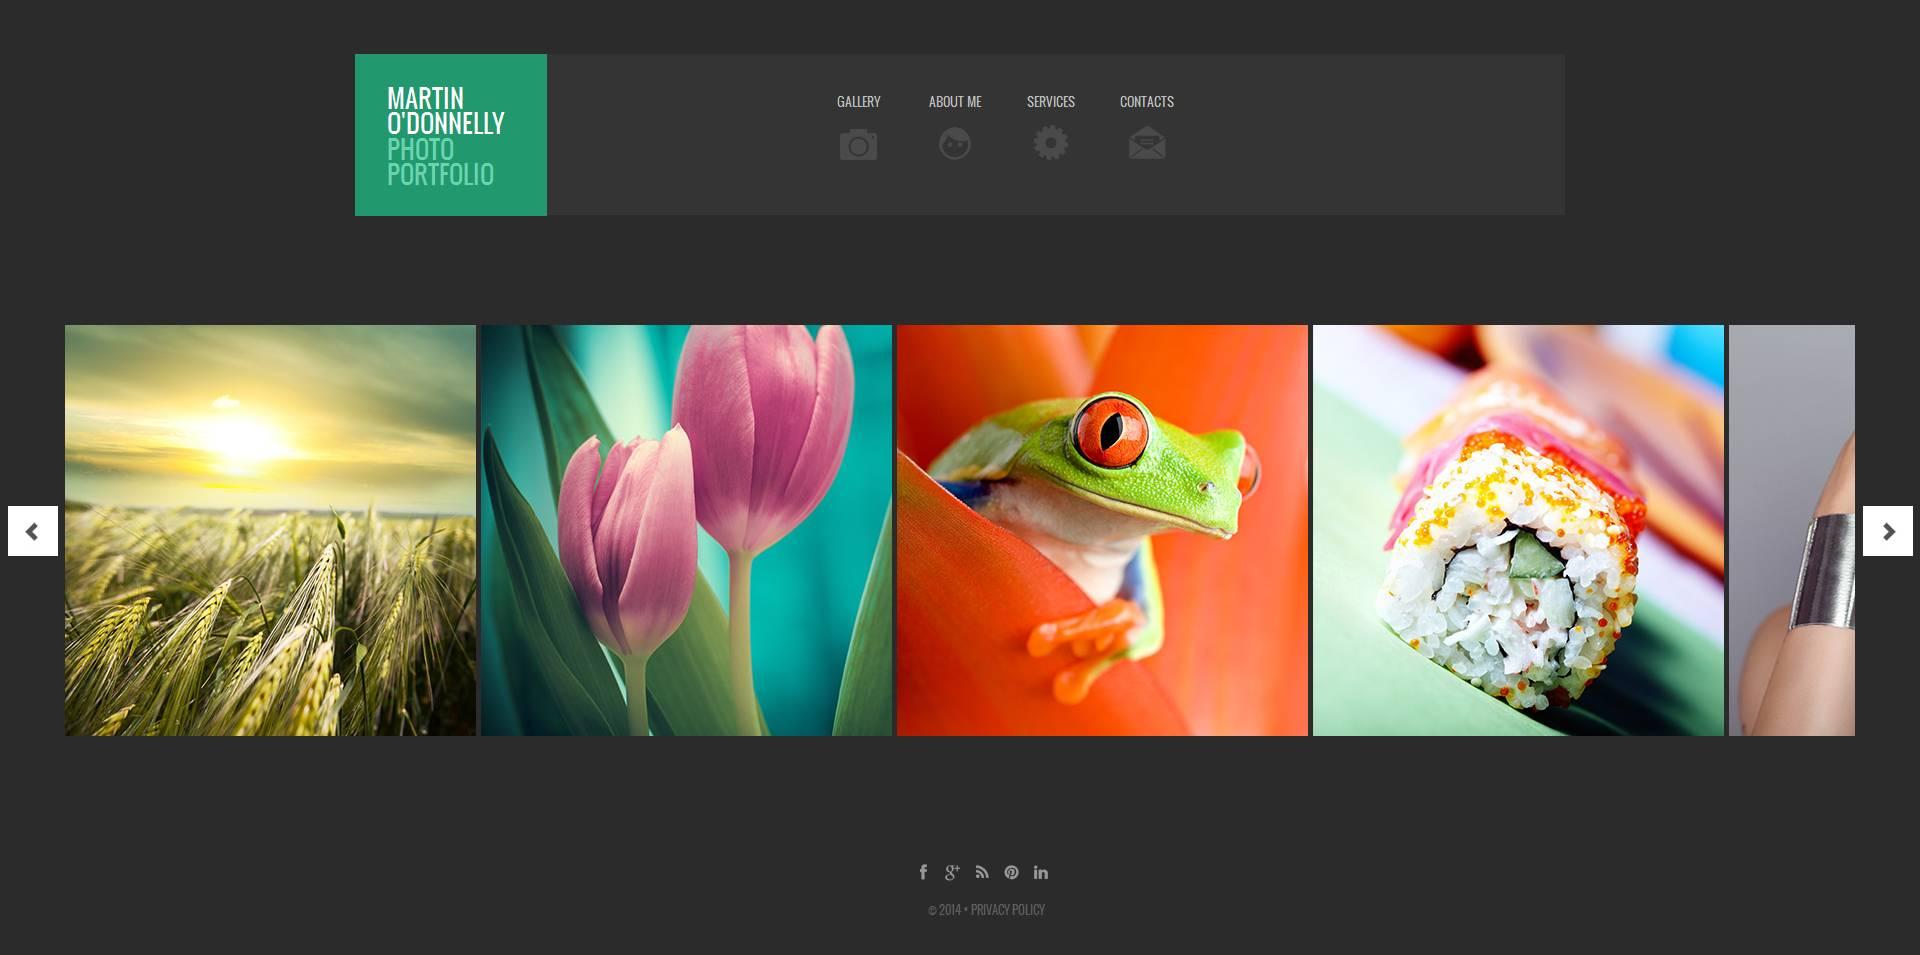 Modèle Moto CMS HTML Premium pour portfolio de photographe #51703